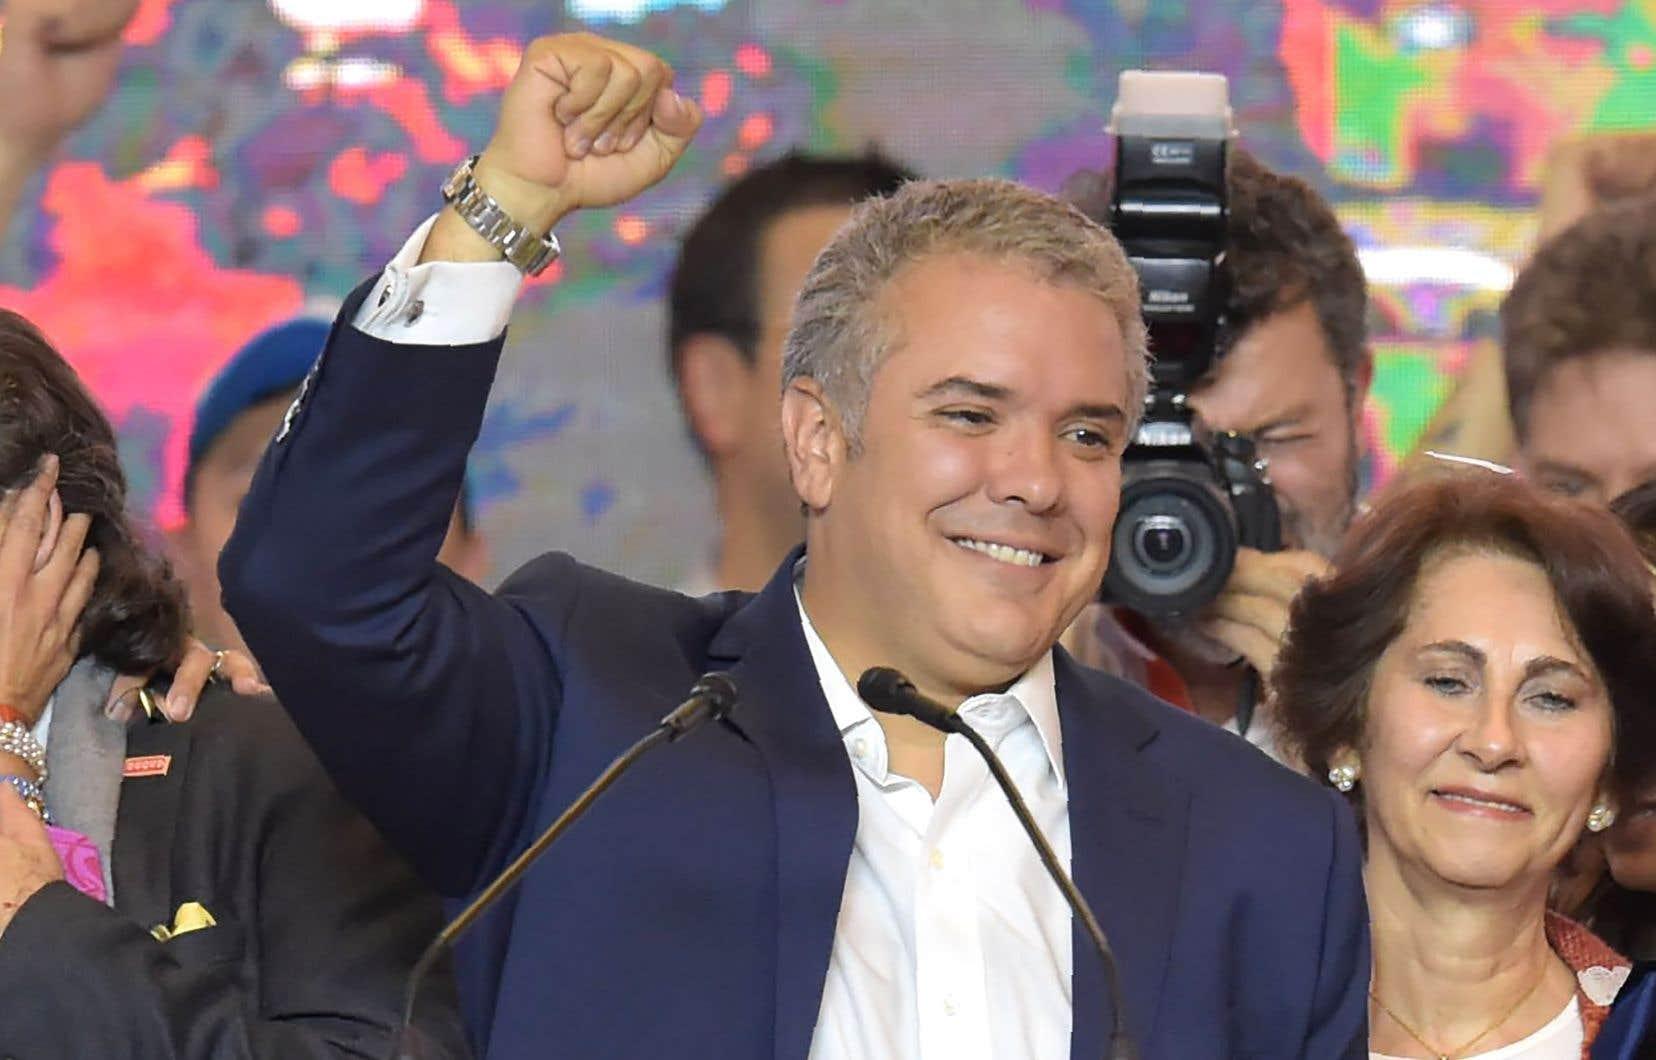 À 41ans, Ivan Duque, qui succède à Juan Manuel Santos, devient le plus jeune chef d'État élu en Colombie depuis 1872.